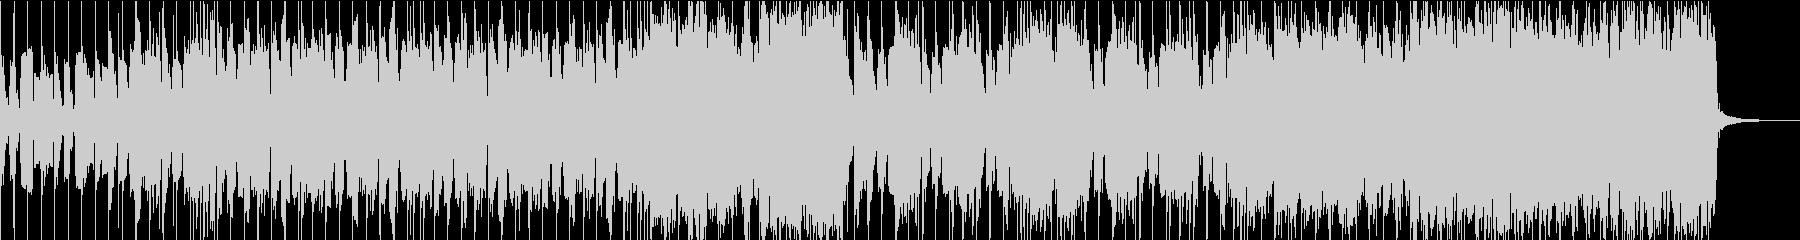 モダンなインディーロックサウンドの未再生の波形